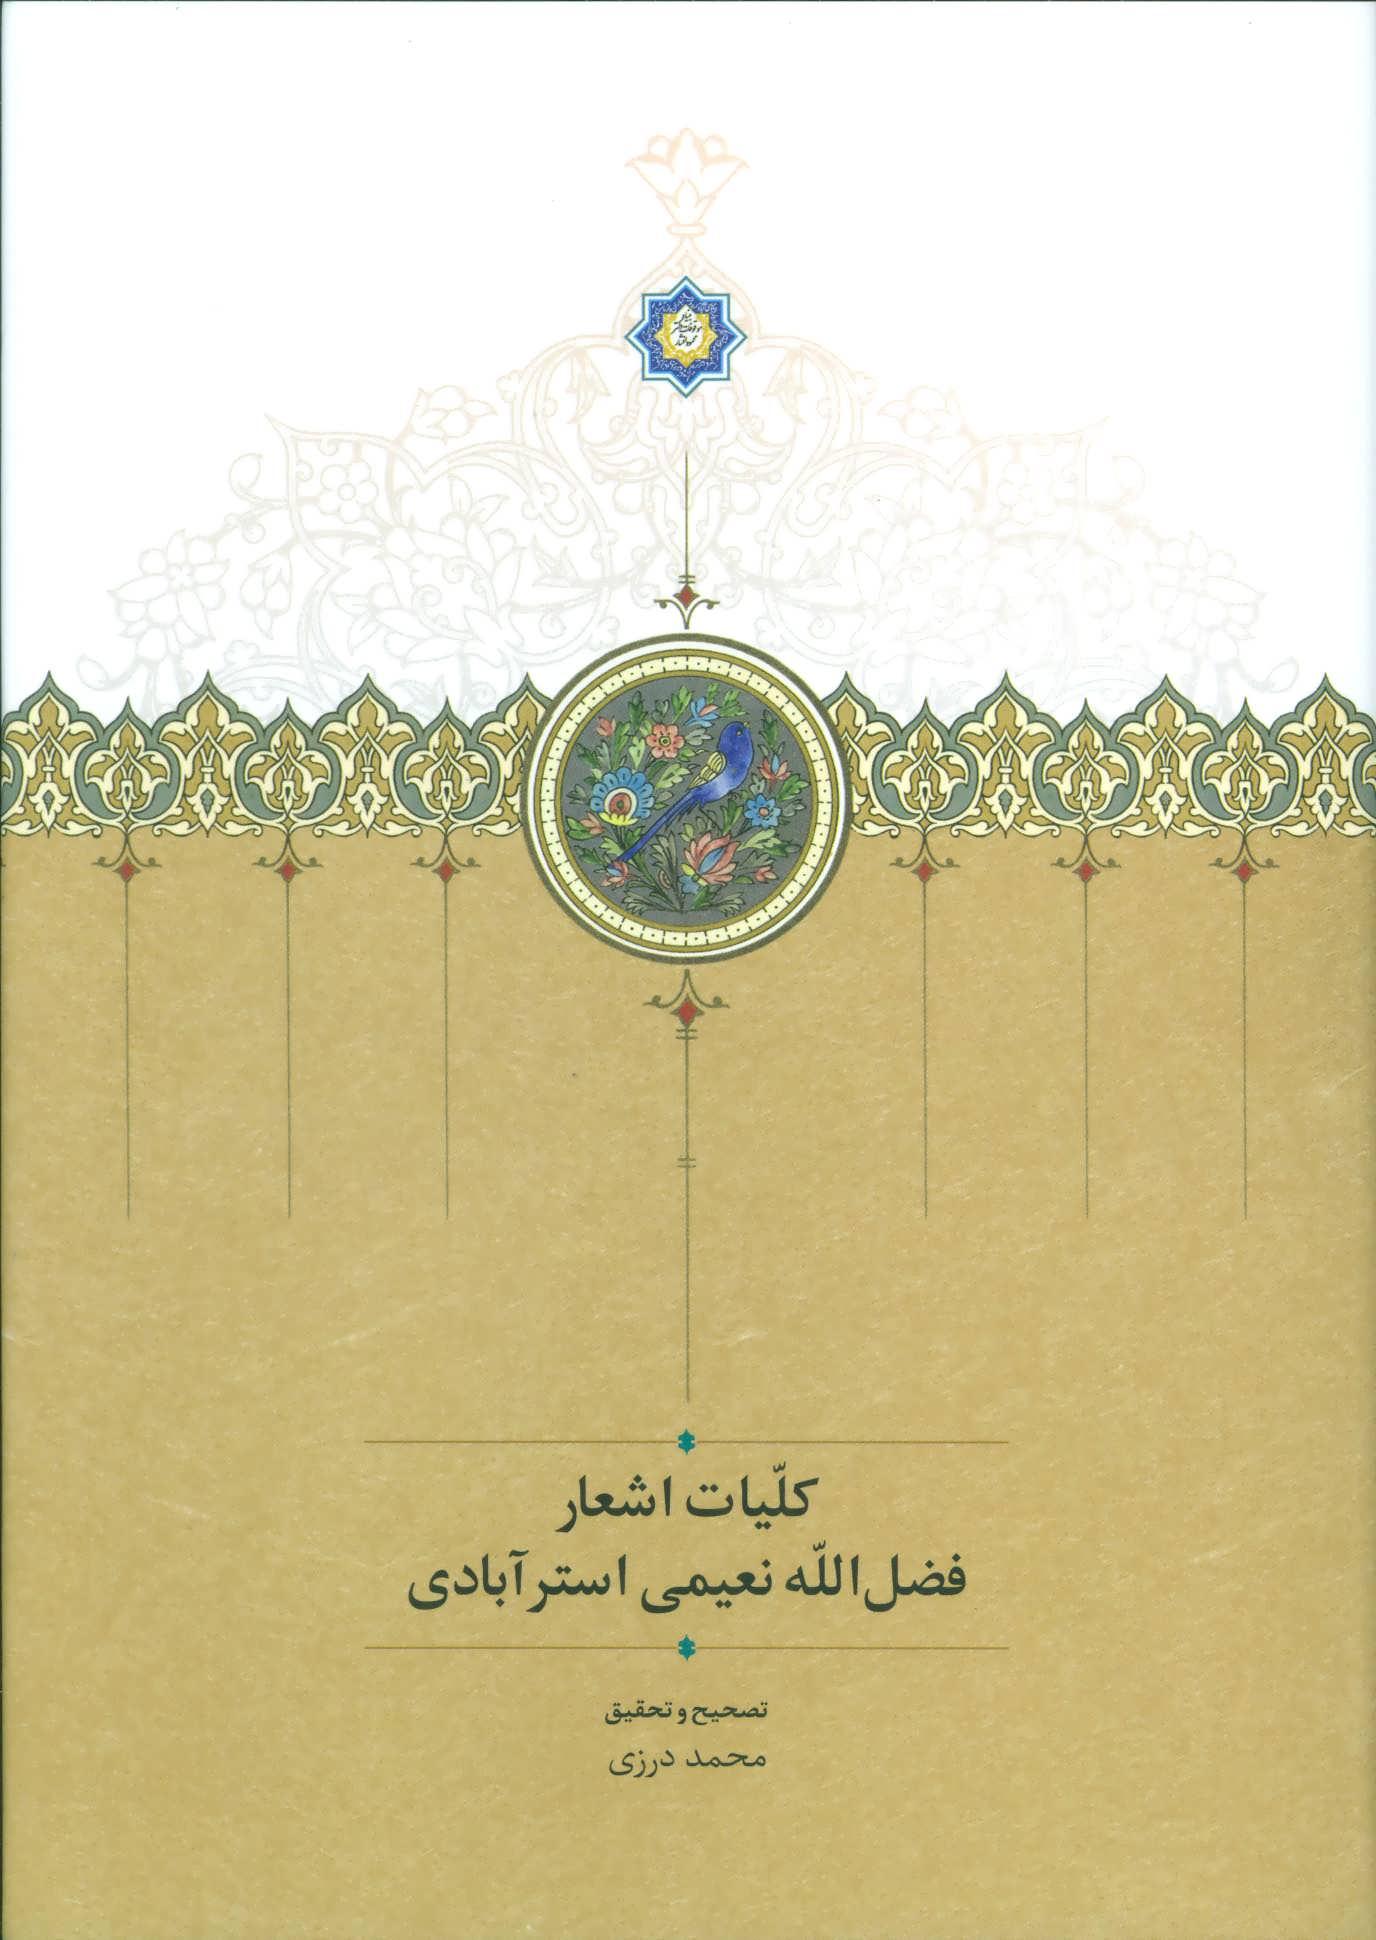 كليات اشعار فضل الله نعيمي استرآبادي